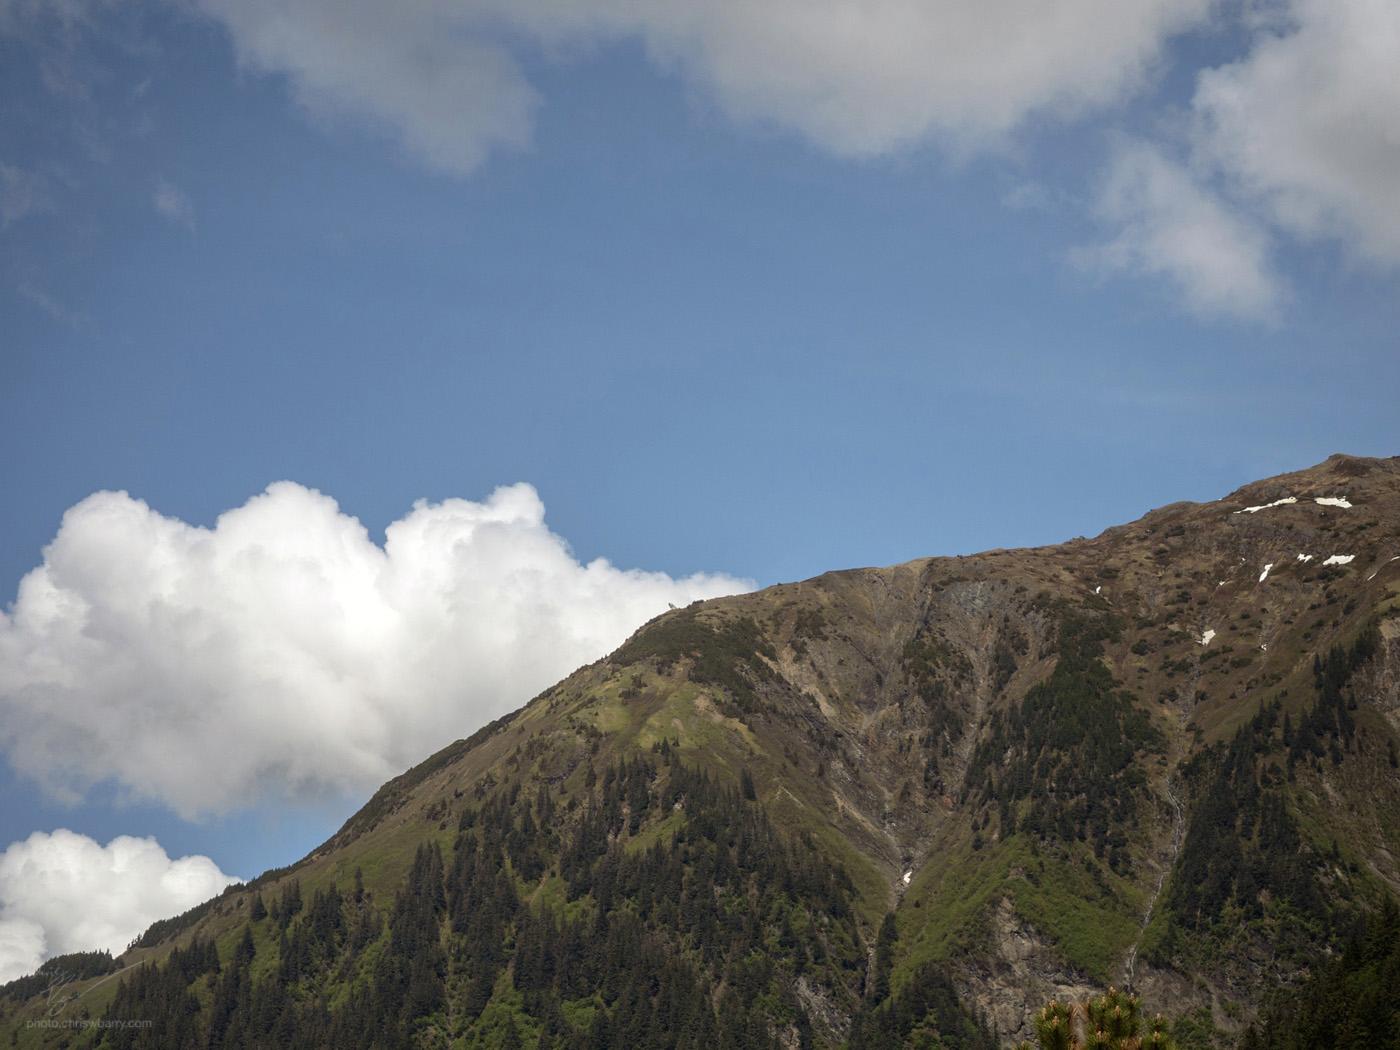 6-03-18: Mountain Close-Up